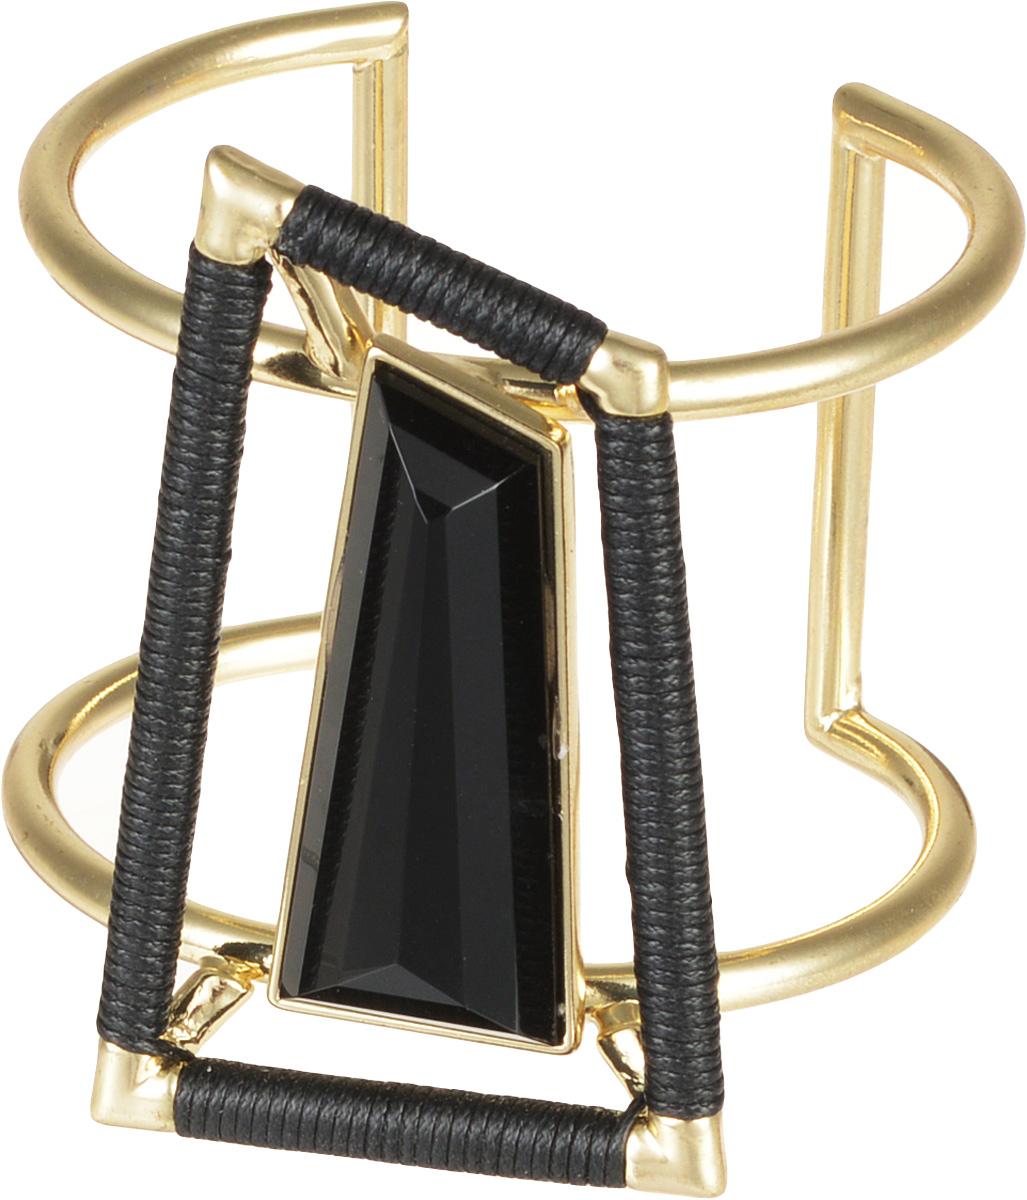 Браслет Selena Street Fashion, цвет: золотой, черный. 4005744040057440Стильный браслет Selena Street Fashion изготовленный из гипоаллергенного материала, выполнен из металла c золотым покрытием и текстиля. Представляет собой изящный широкий браслет универсального размера, дополненный по центу декоративным элементом со вставкой из хрустального стекла. Такой оригинальный браслет не оставит равнодушной ни одну любительницу изысканных и необычных украшений, а также позволит с легкостью воплотить самую смелую фантазию и создать собственный, неповторимый образ.